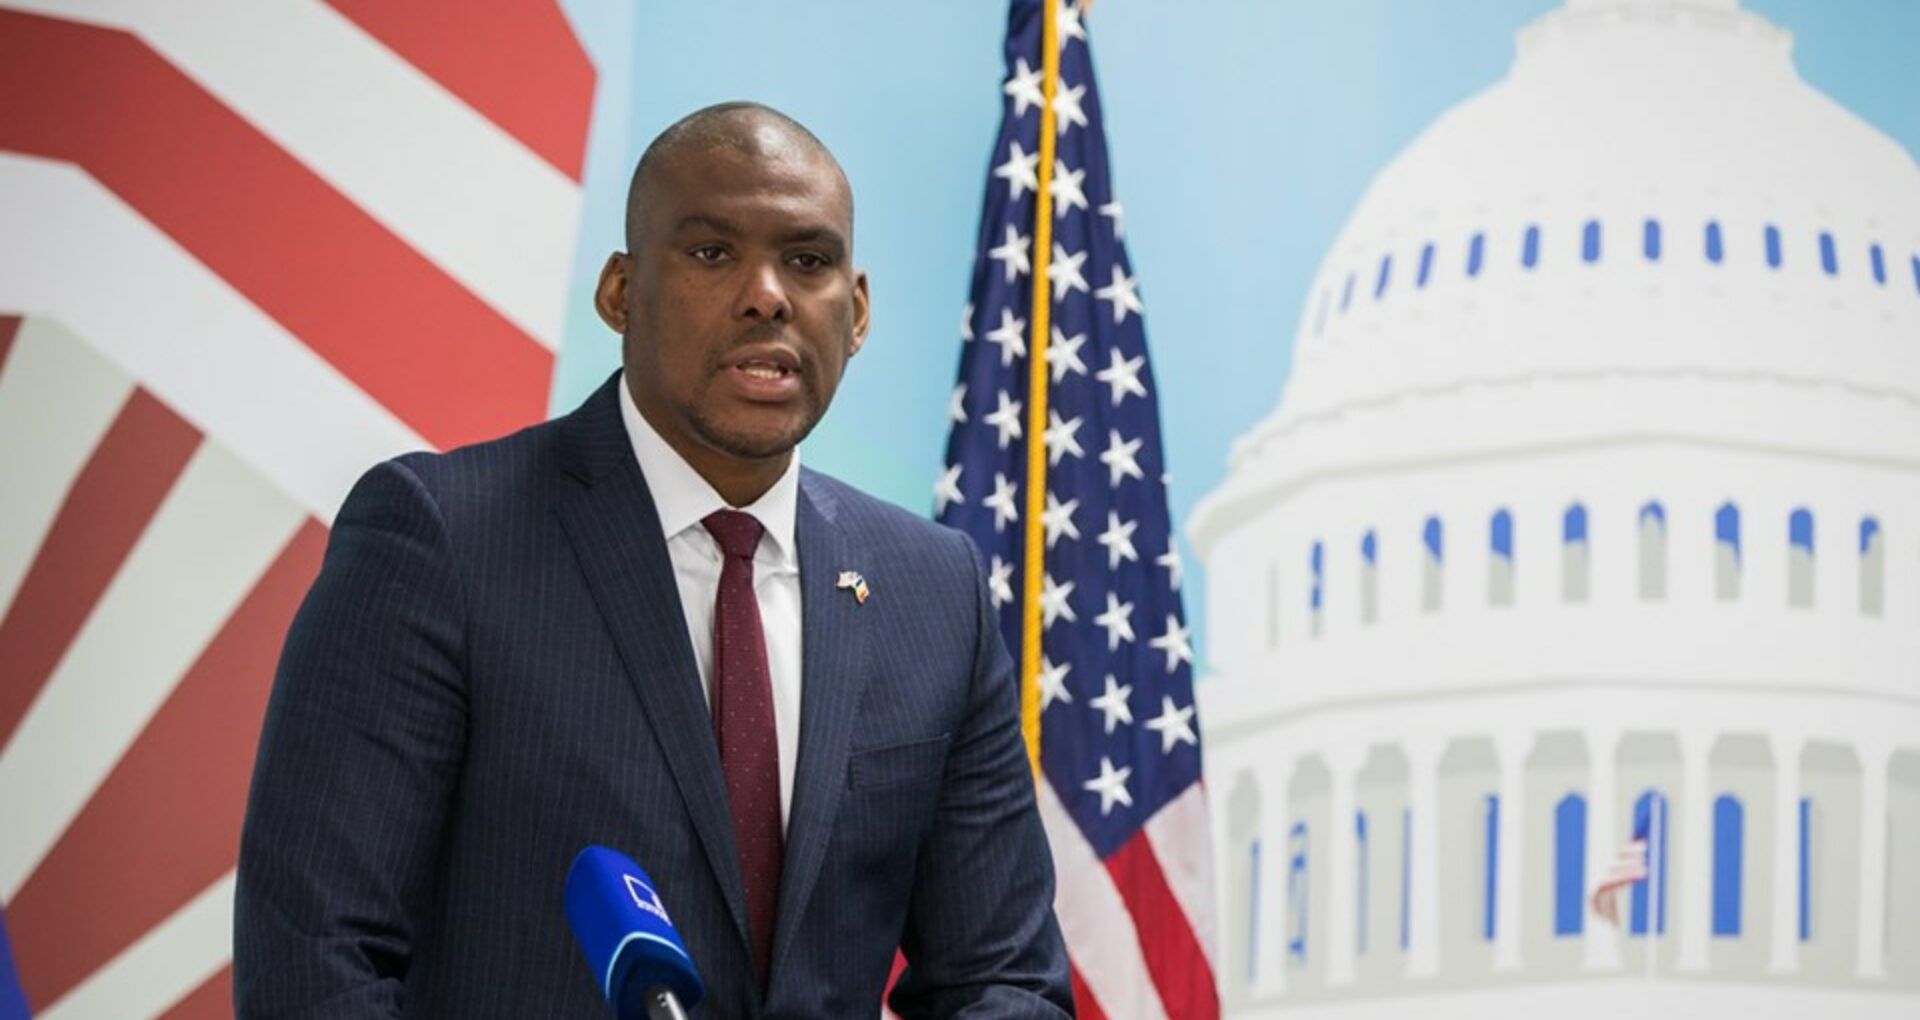 Ambasadorul SUA despre solicitarea de extrădare a lui Vladimir Plahotniuc: Această cerere este în curs de examinare